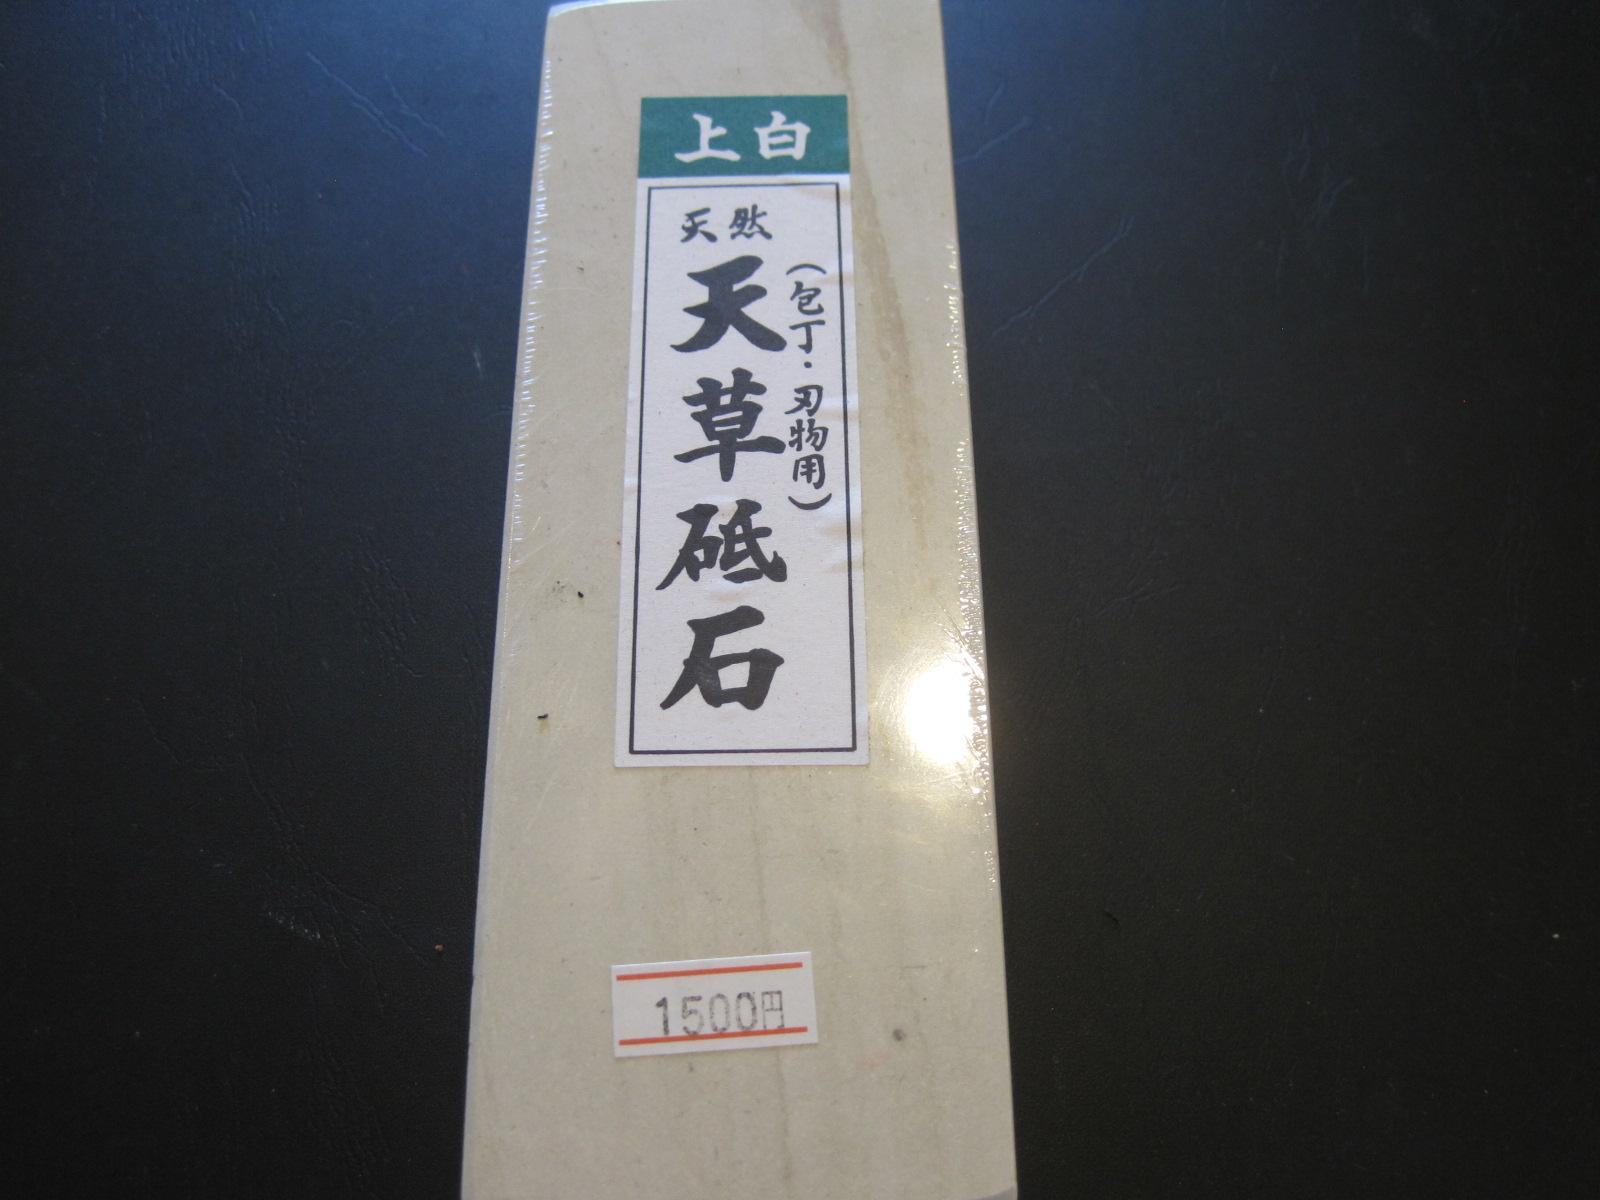 &nbsp; &nbsp;古くからの産物である「天草砥石」は、<div>天草四郎のふるさと大矢野町の特産品です。天然砥石で歴史は古く、戦国時代から、刀剣や農具等を砥ぐのに日本全国に</div><div>販路は拡大していきました。外国にも出荷されたそうです。(*_*)</div><div>★上白砥石は、500円、1200円、3000円の</div><div>商品もございます。</div>